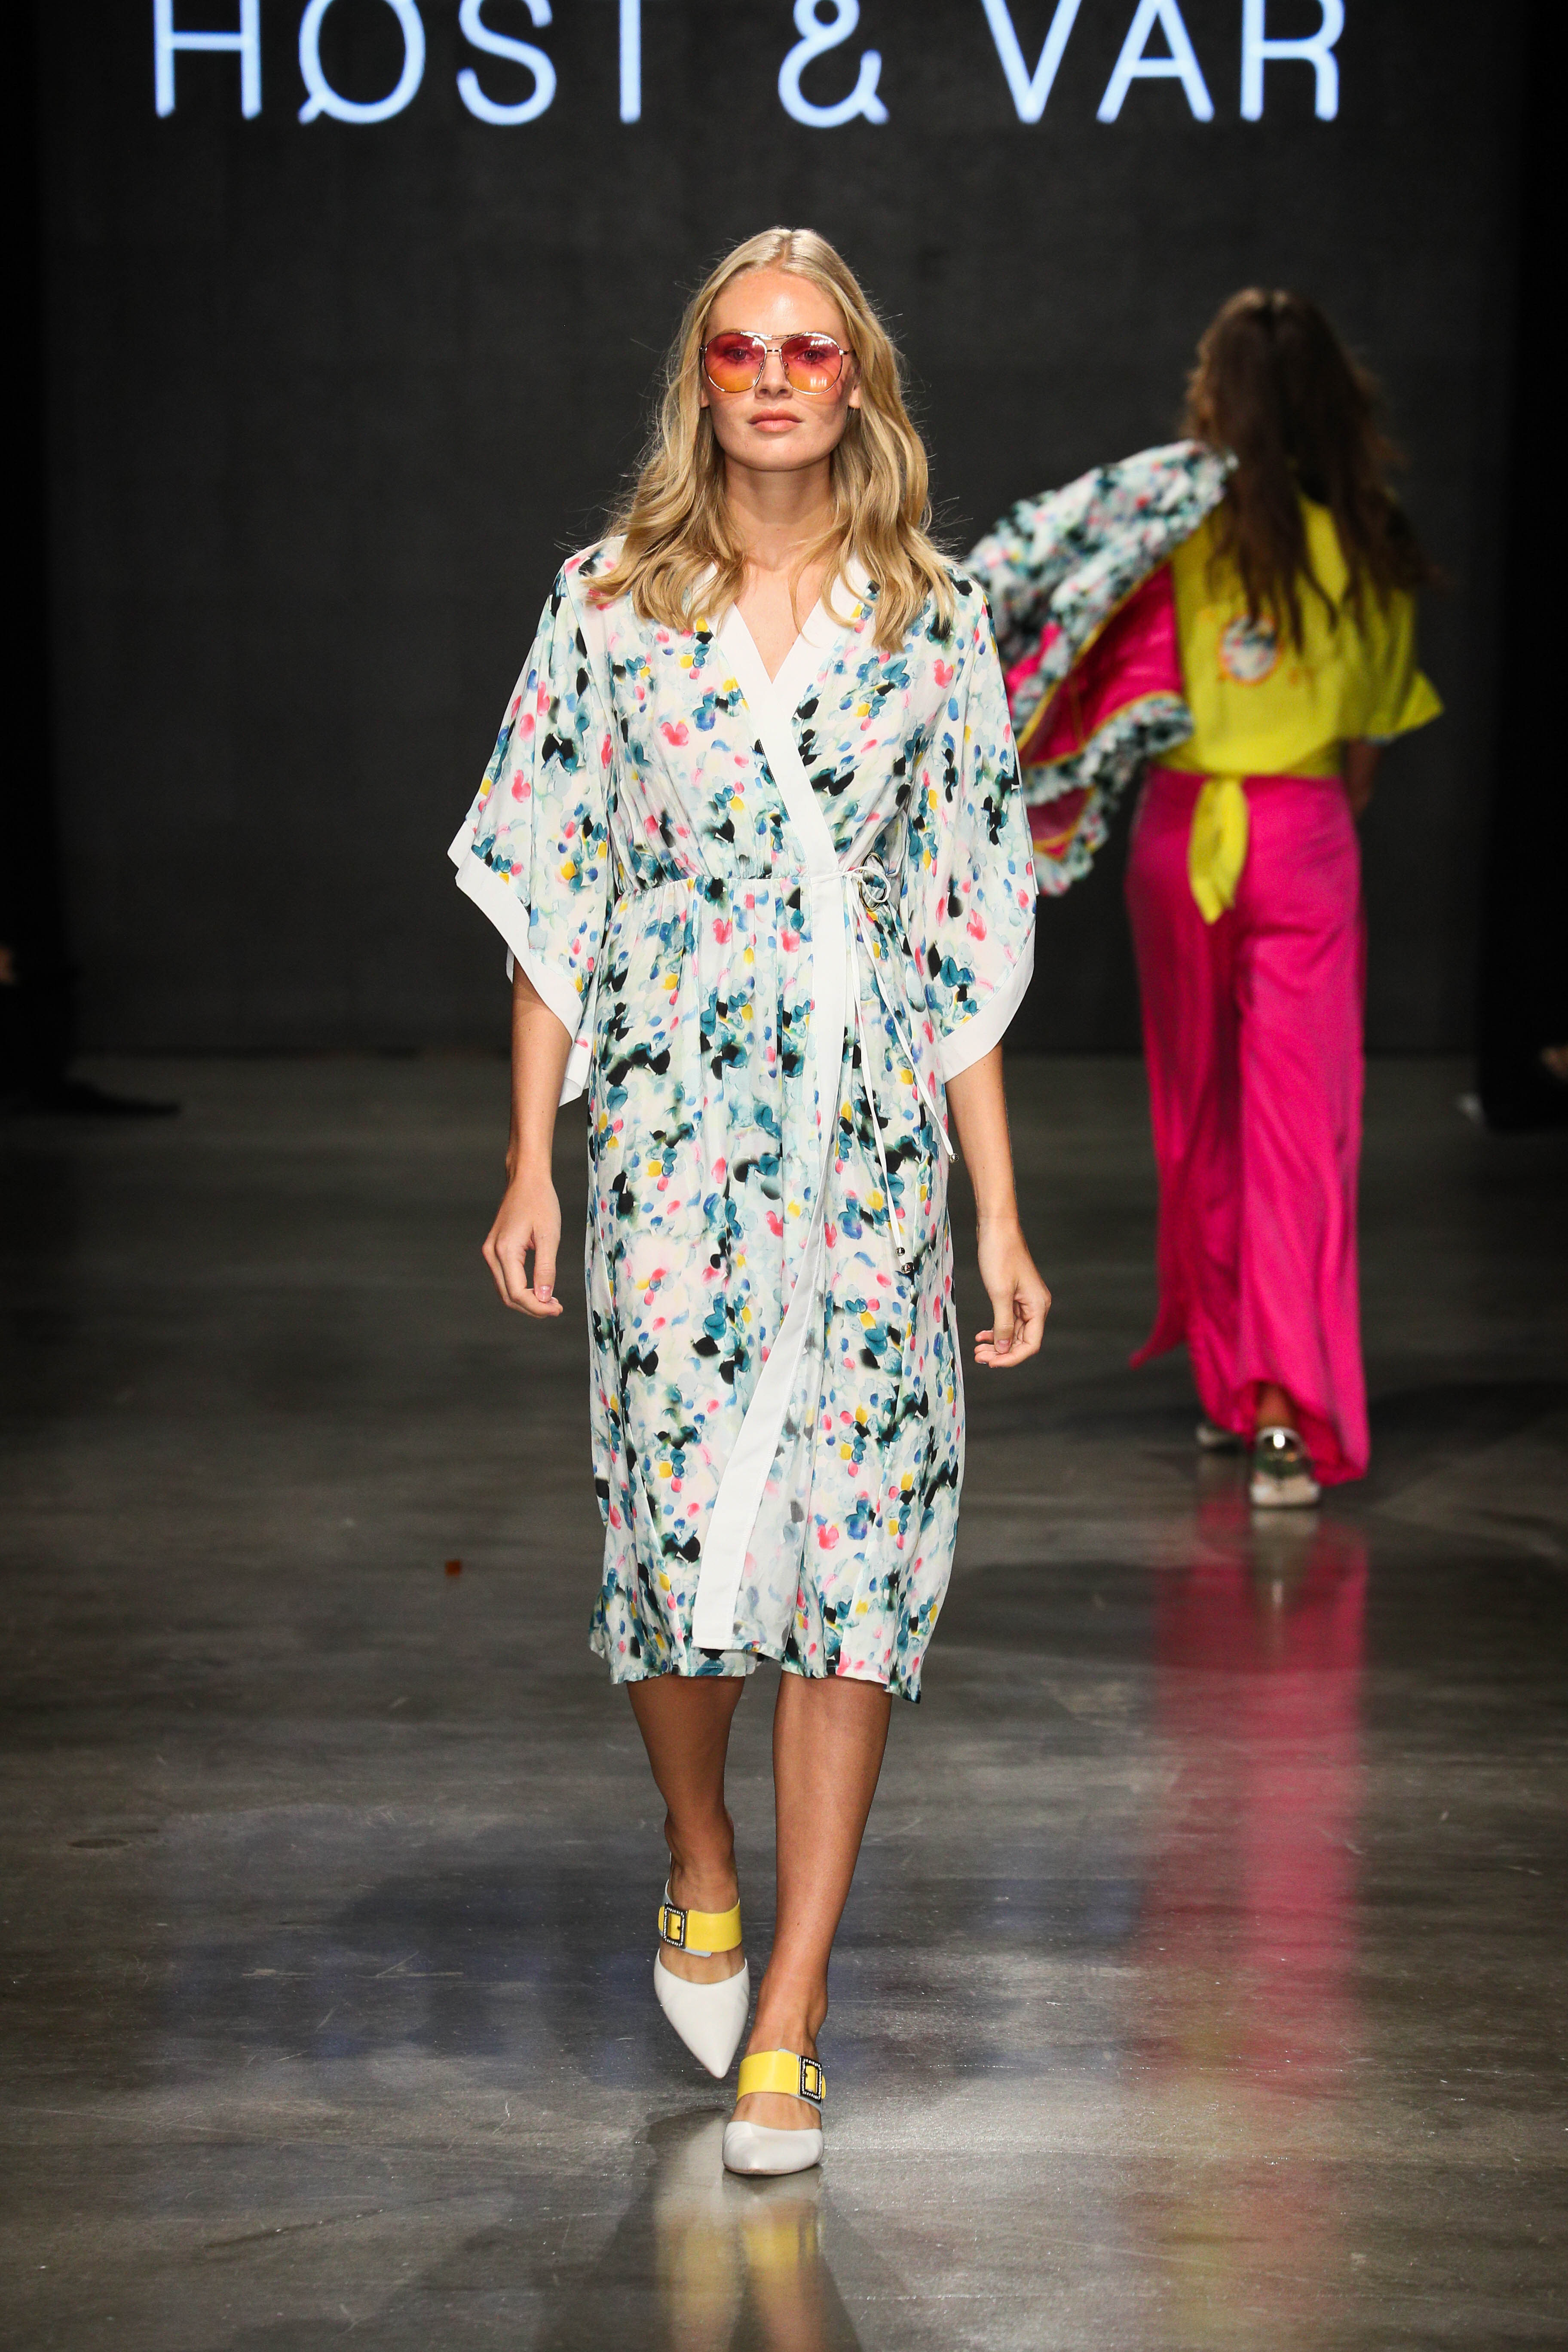 Host&Var Sustainable fashion EcoMogul Magazine 5